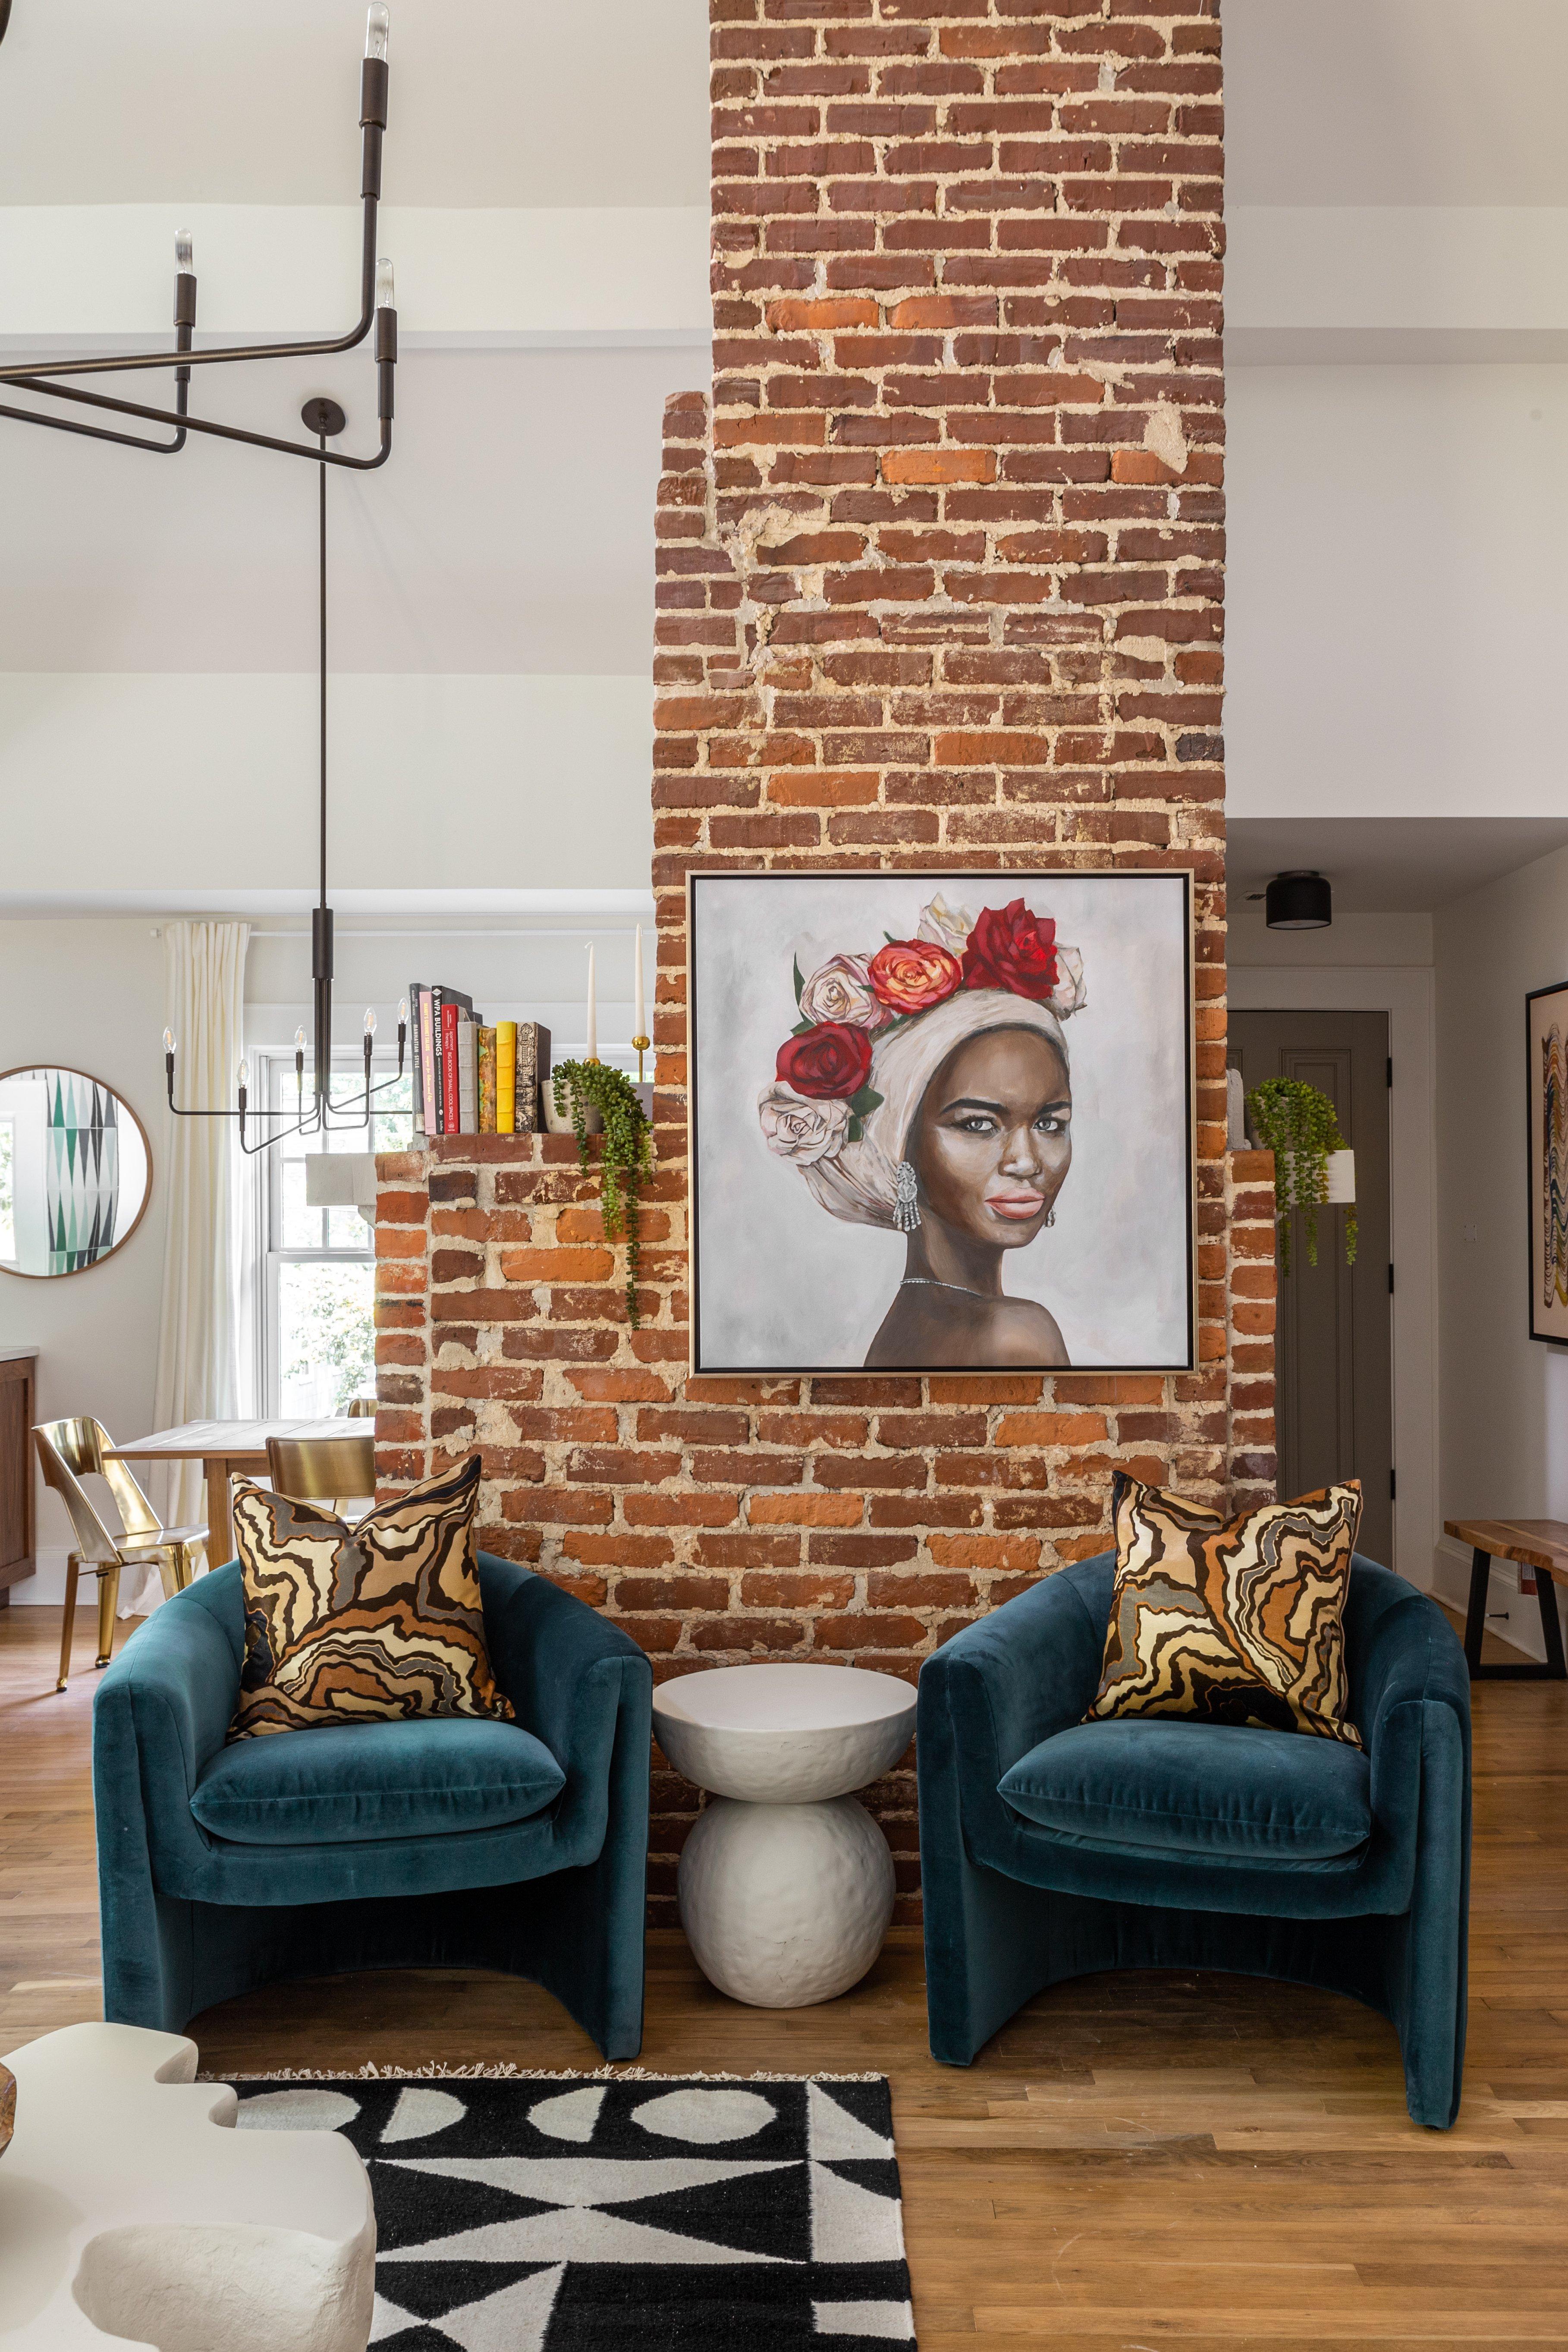 08 living room 20210721-IMG_0182-HDR.jpg